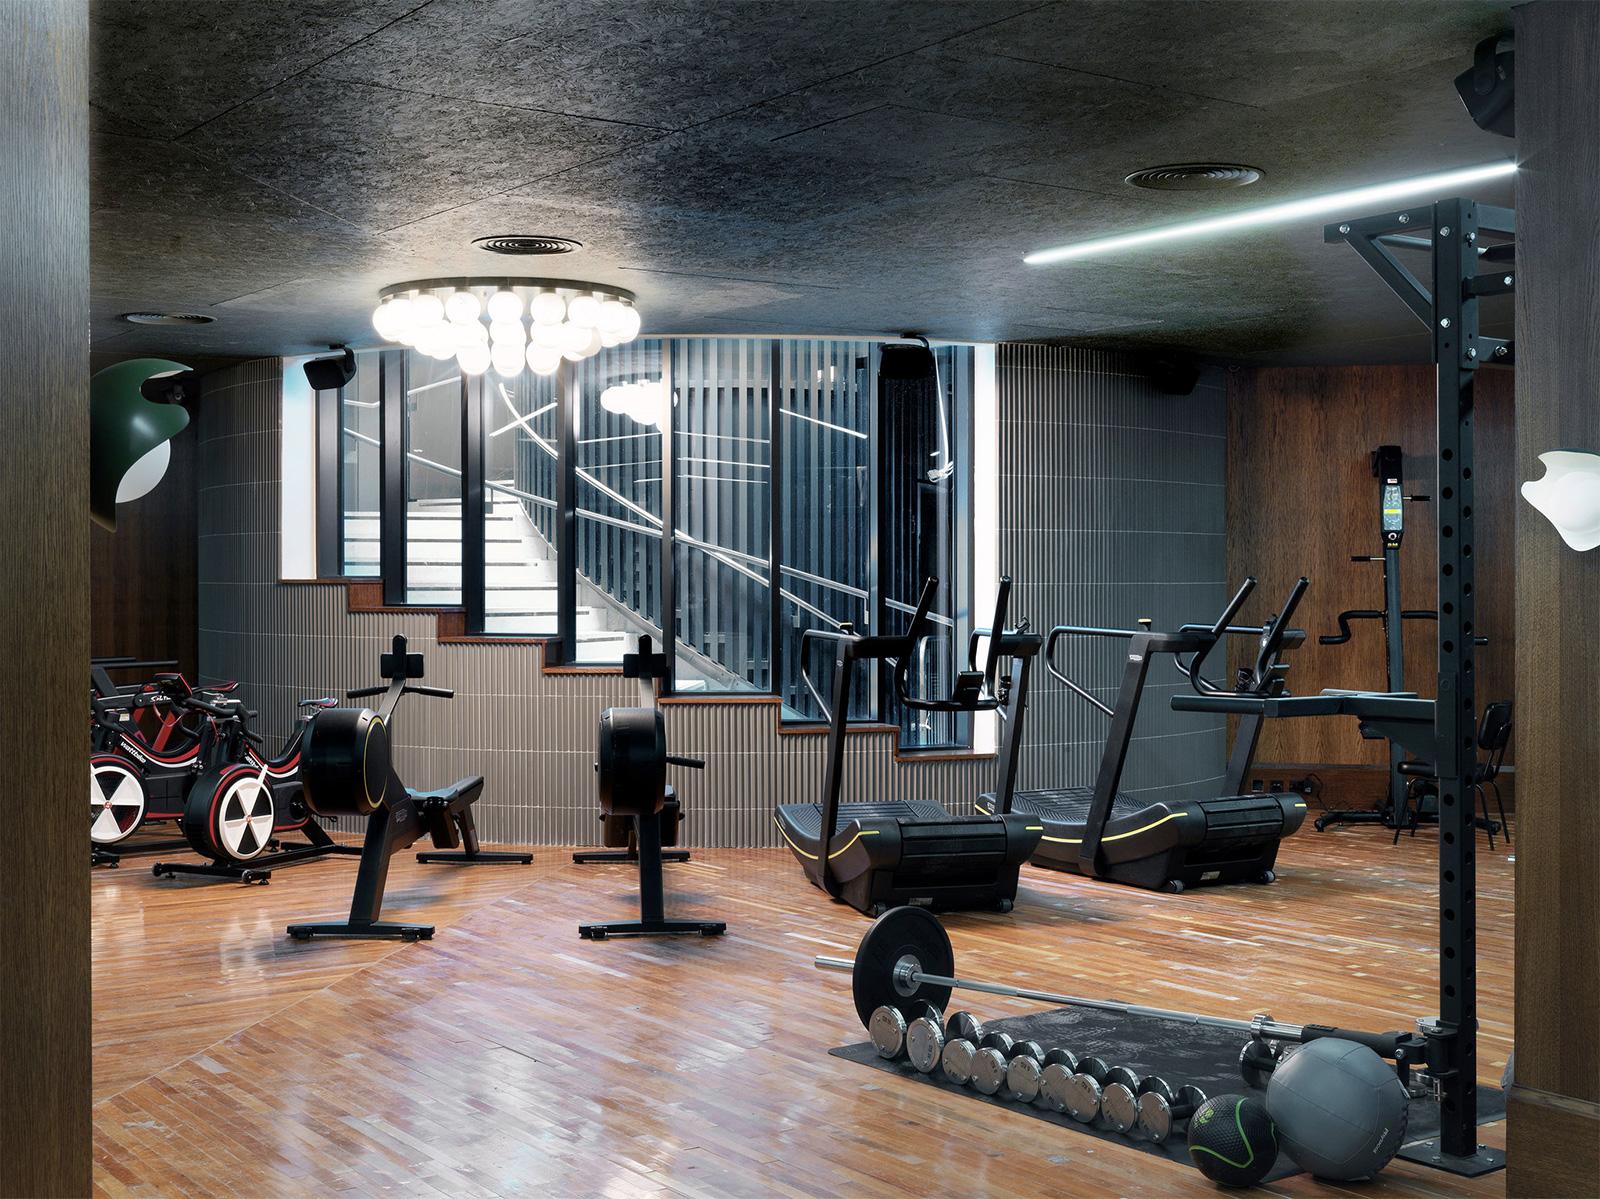 Soho house gym White City Television Centre